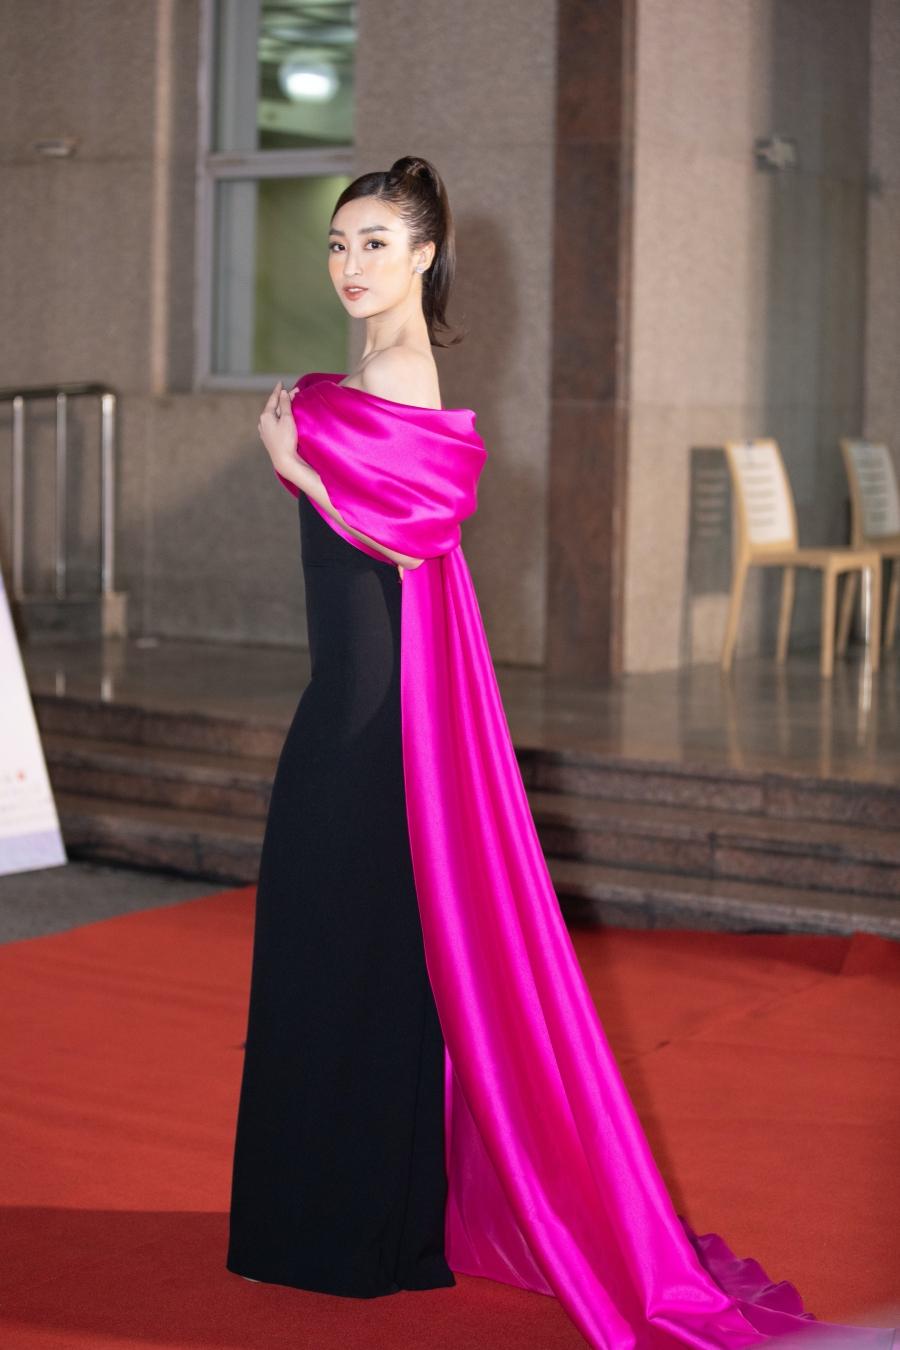 Vẫn như mọi khi, Hoa hậu Việt Nam 2016 Đỗ Mỹ Linh quyến rũ nhưng vẫn sang trọng, ý nhị trong thiết kế váy nơ kết hợp giữa hai màu đen - hồng cánh sen bắt mắt. Cô nàng khoe trọn bờ vai thon gầy, nõn nà 'đắt giá' của mình.